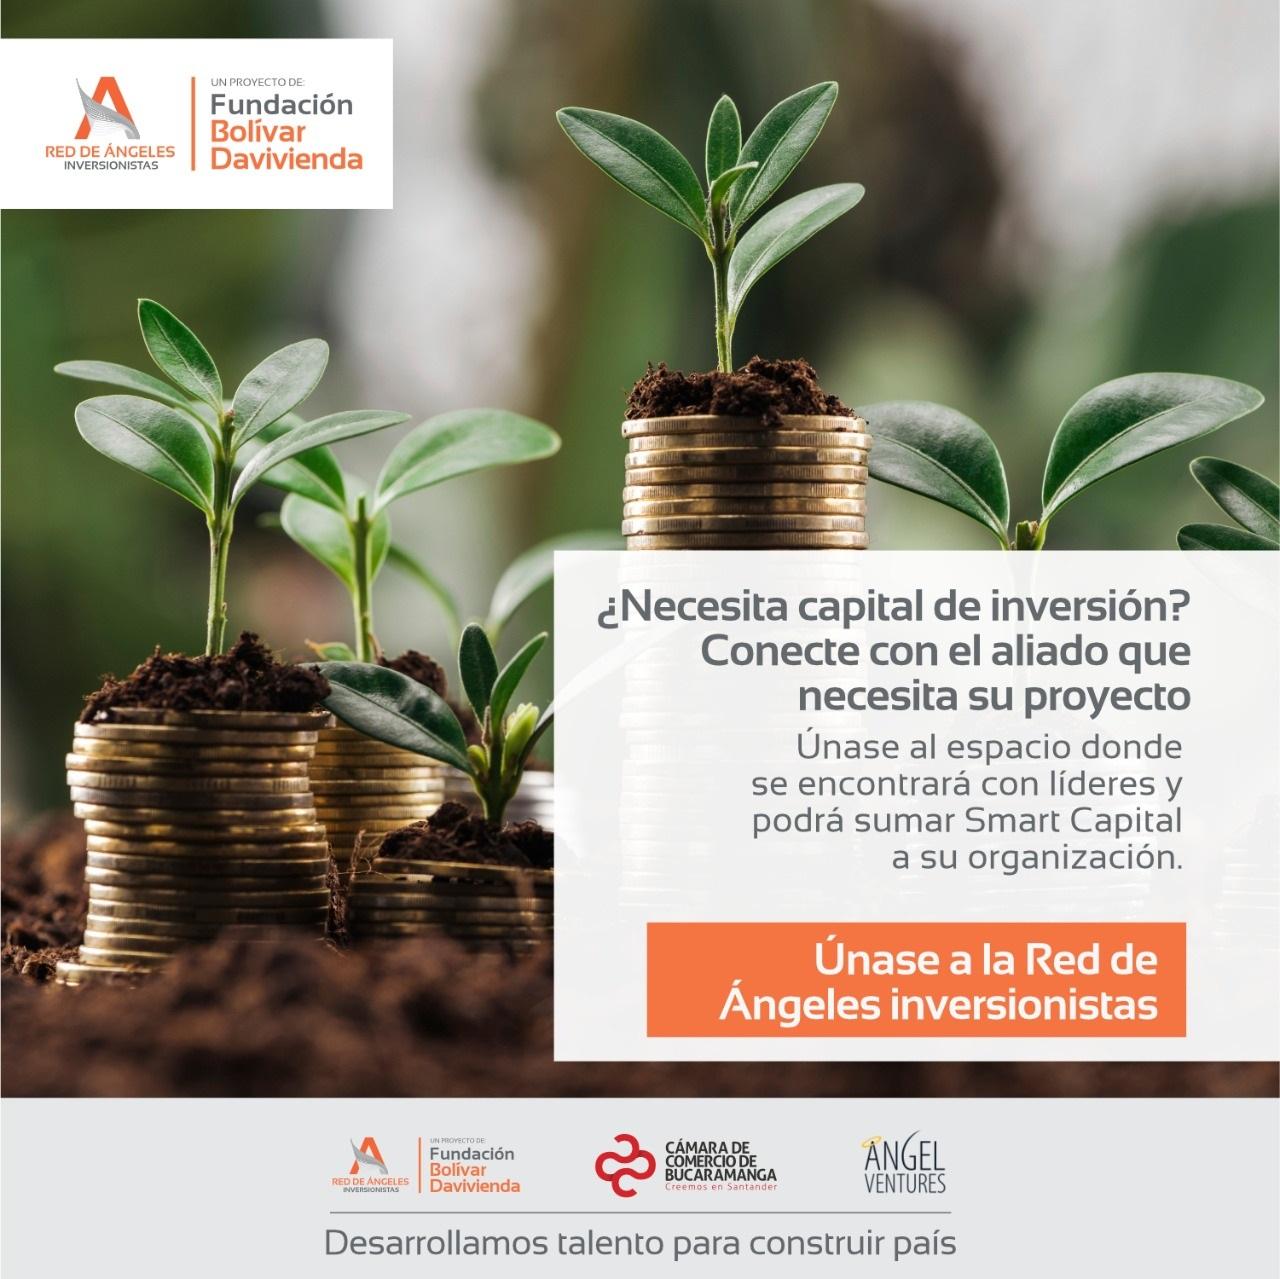 La Red de Ángeles Inversionistas, una alternativa exitosa para potencializar los emprendimientos colombianos